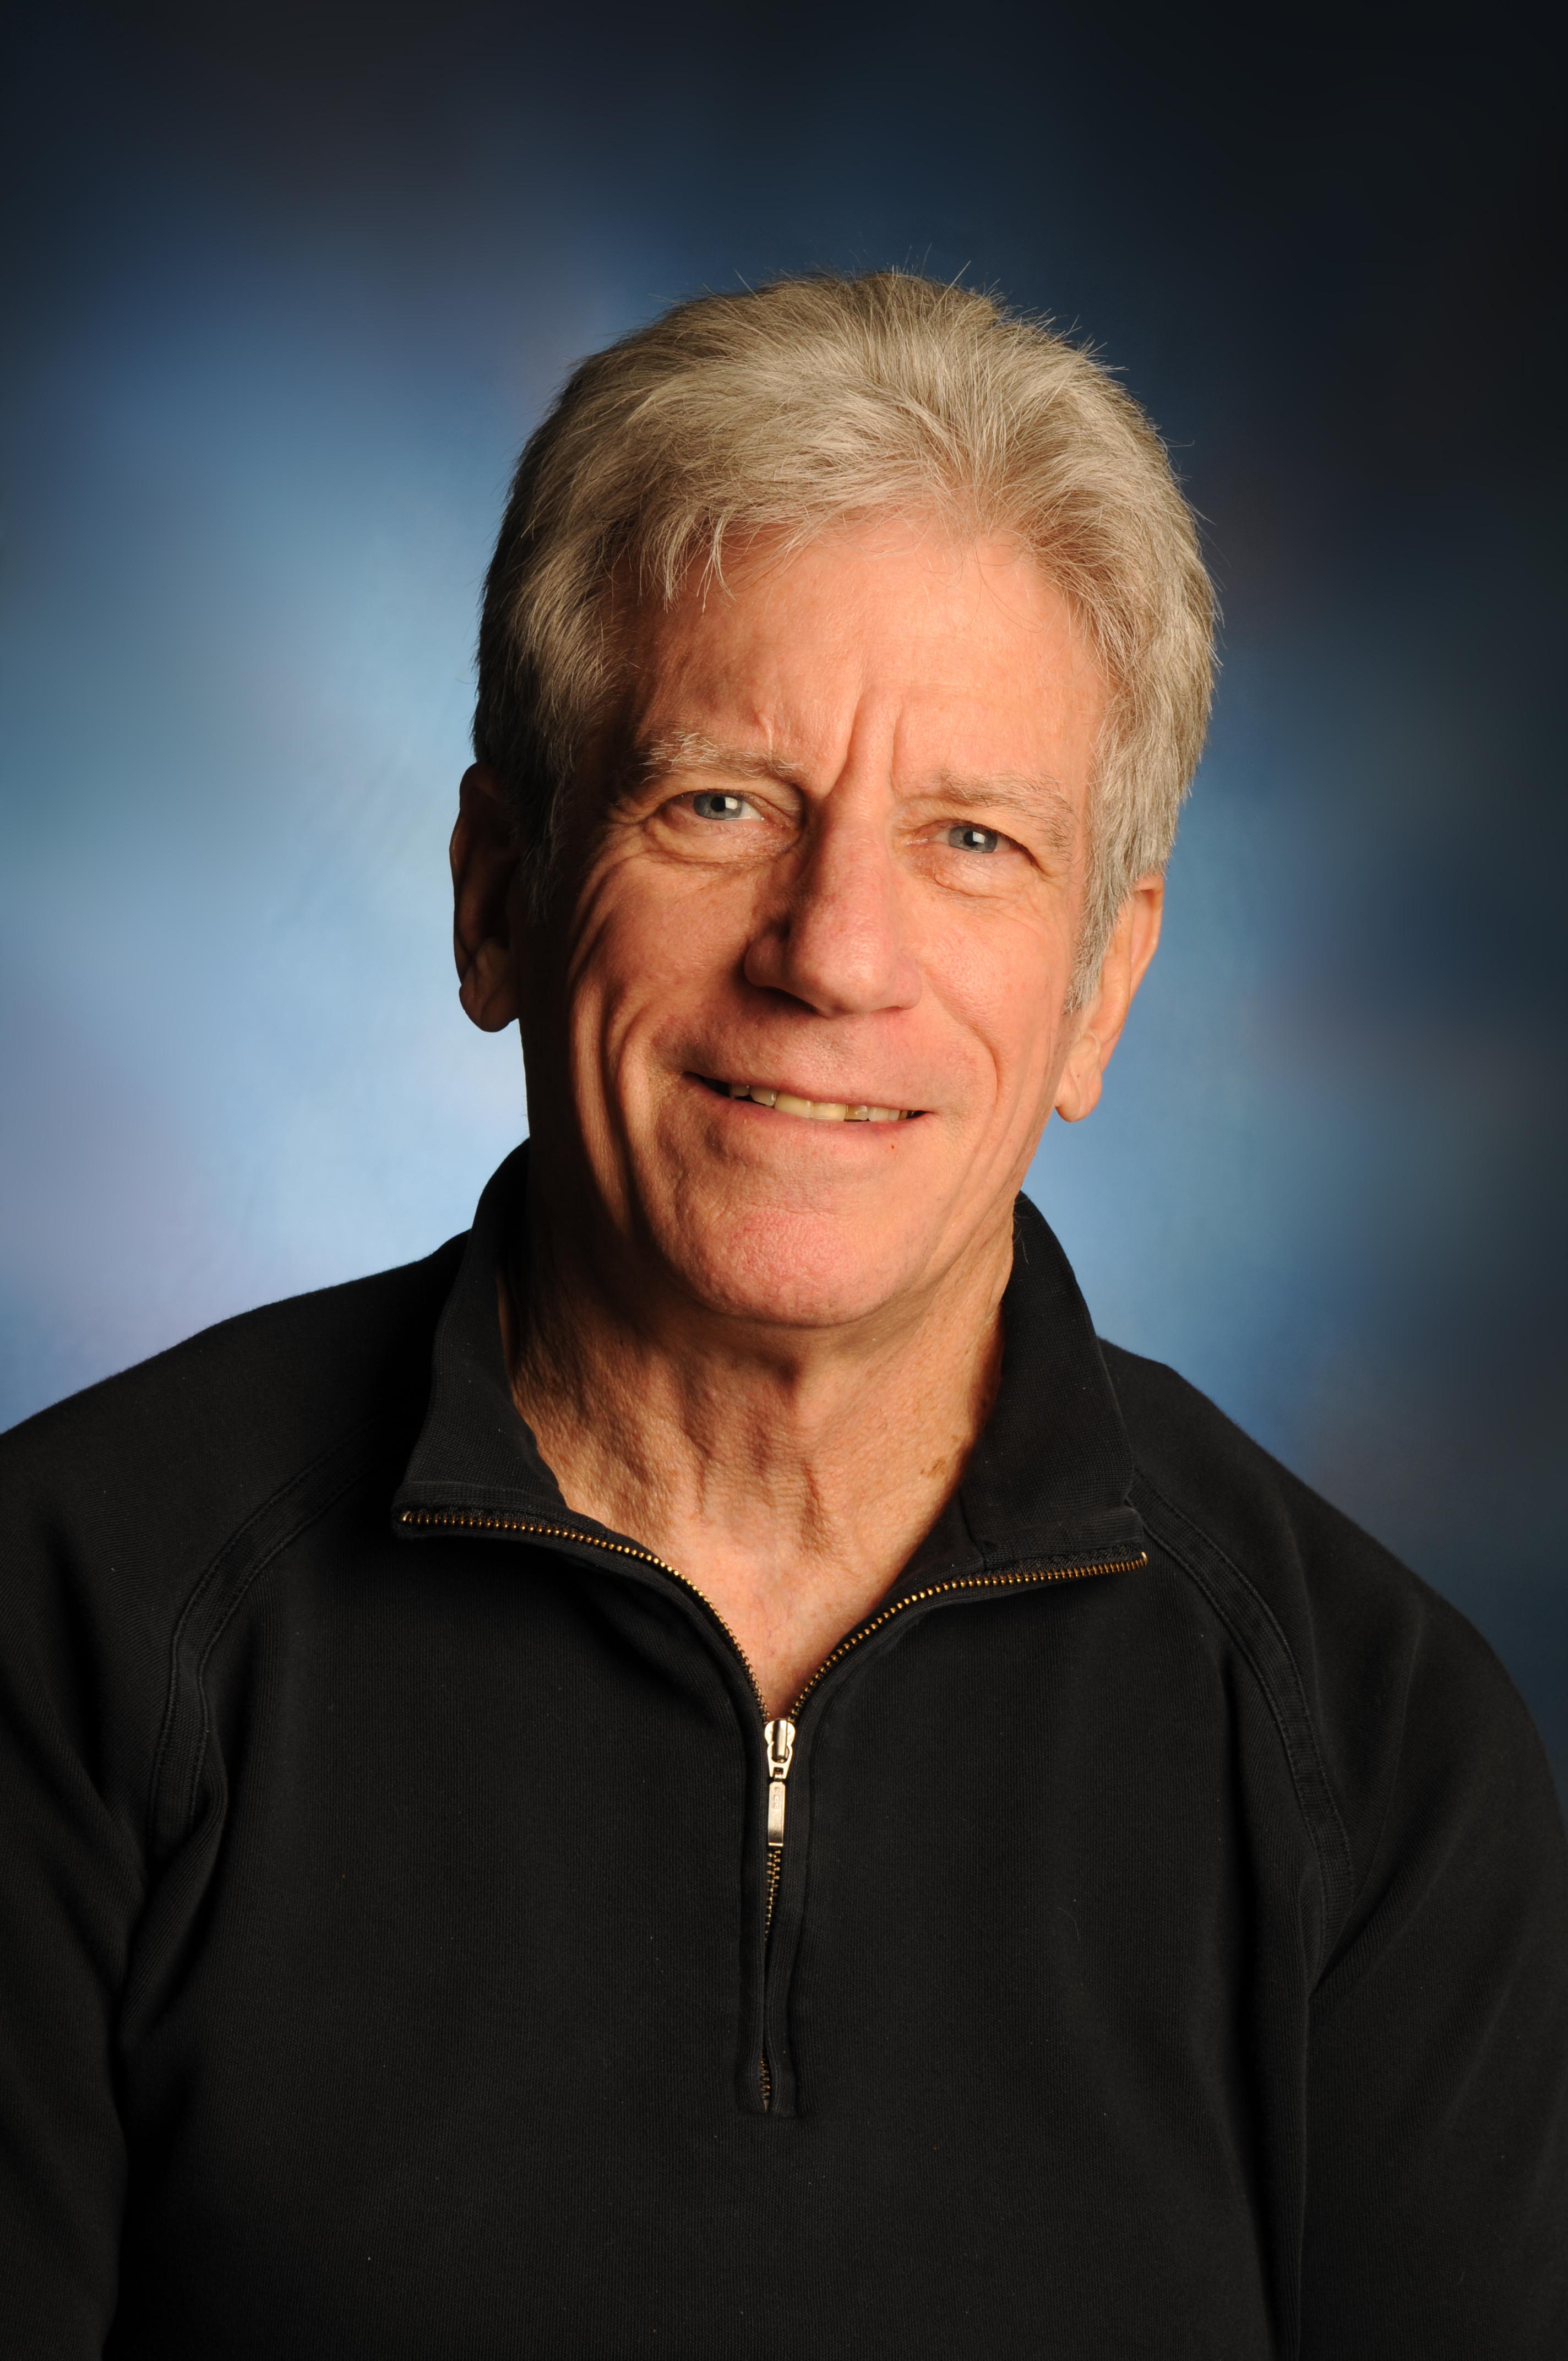 Melvin Stern, MD